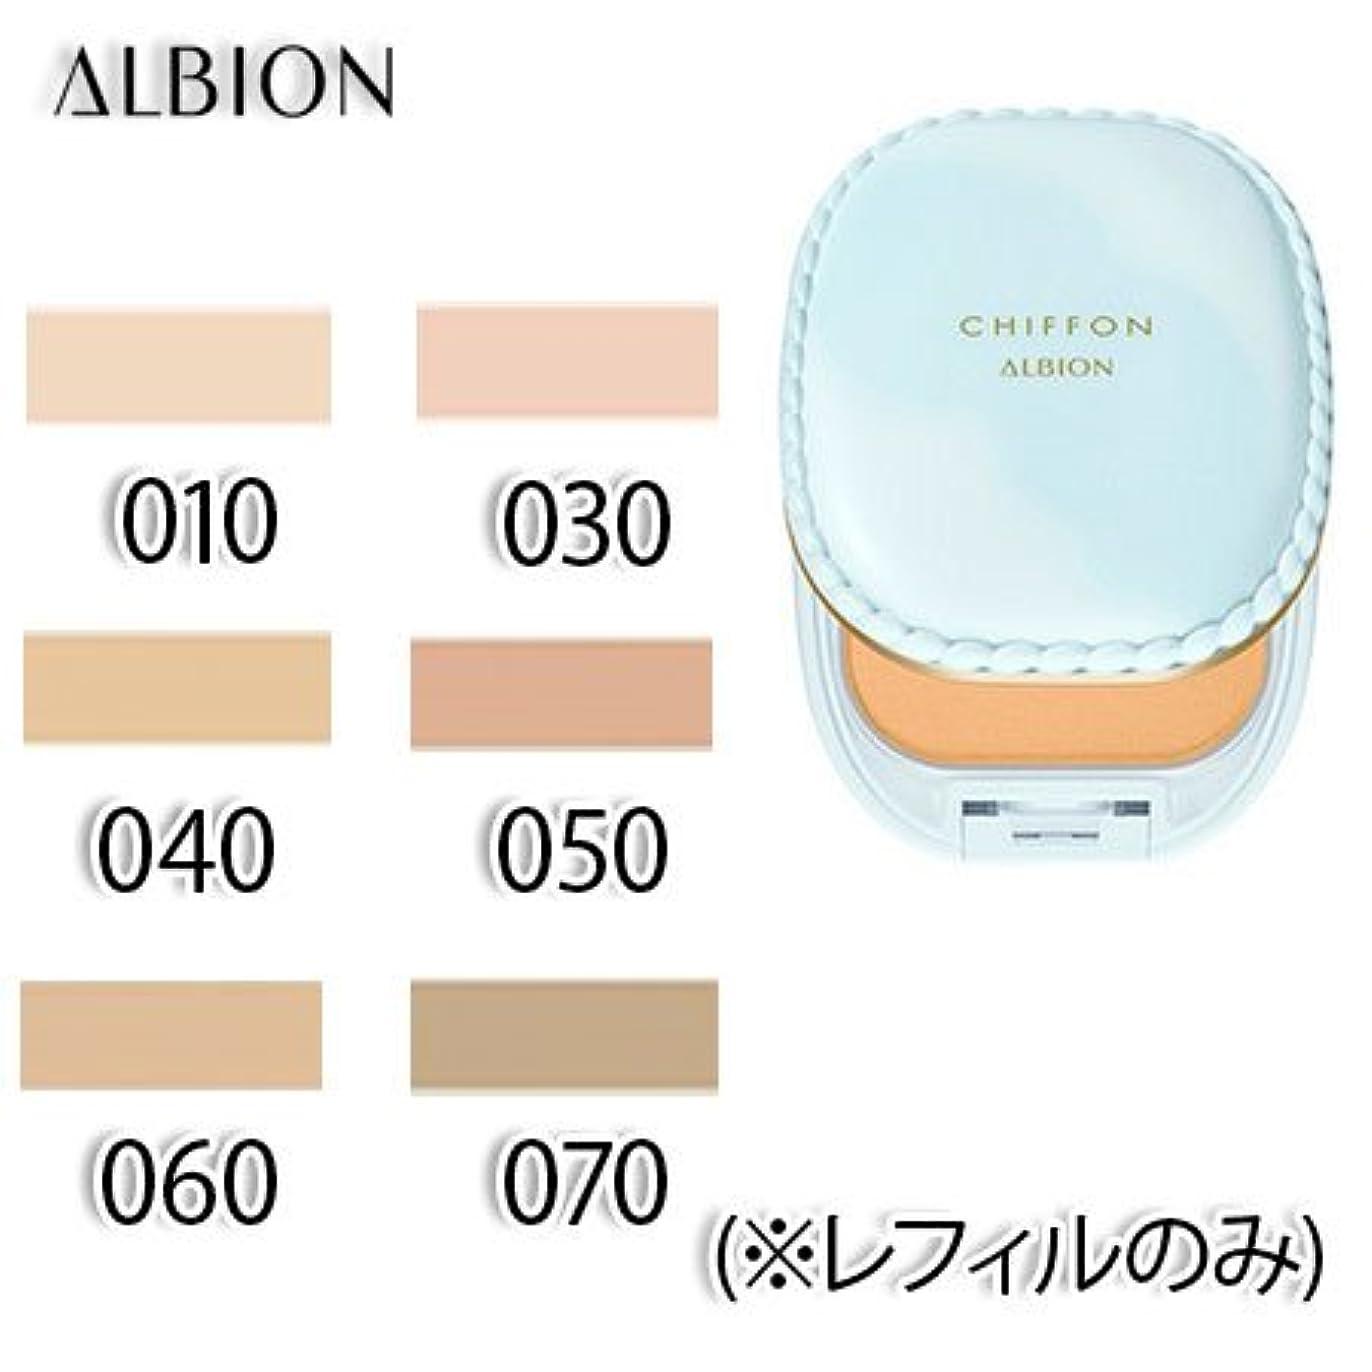 適格デッドごみアルビオン スノー ホワイト シフォン 全6色 SPF25?PA++ 10g (レフィルのみ) -ALBION- 060